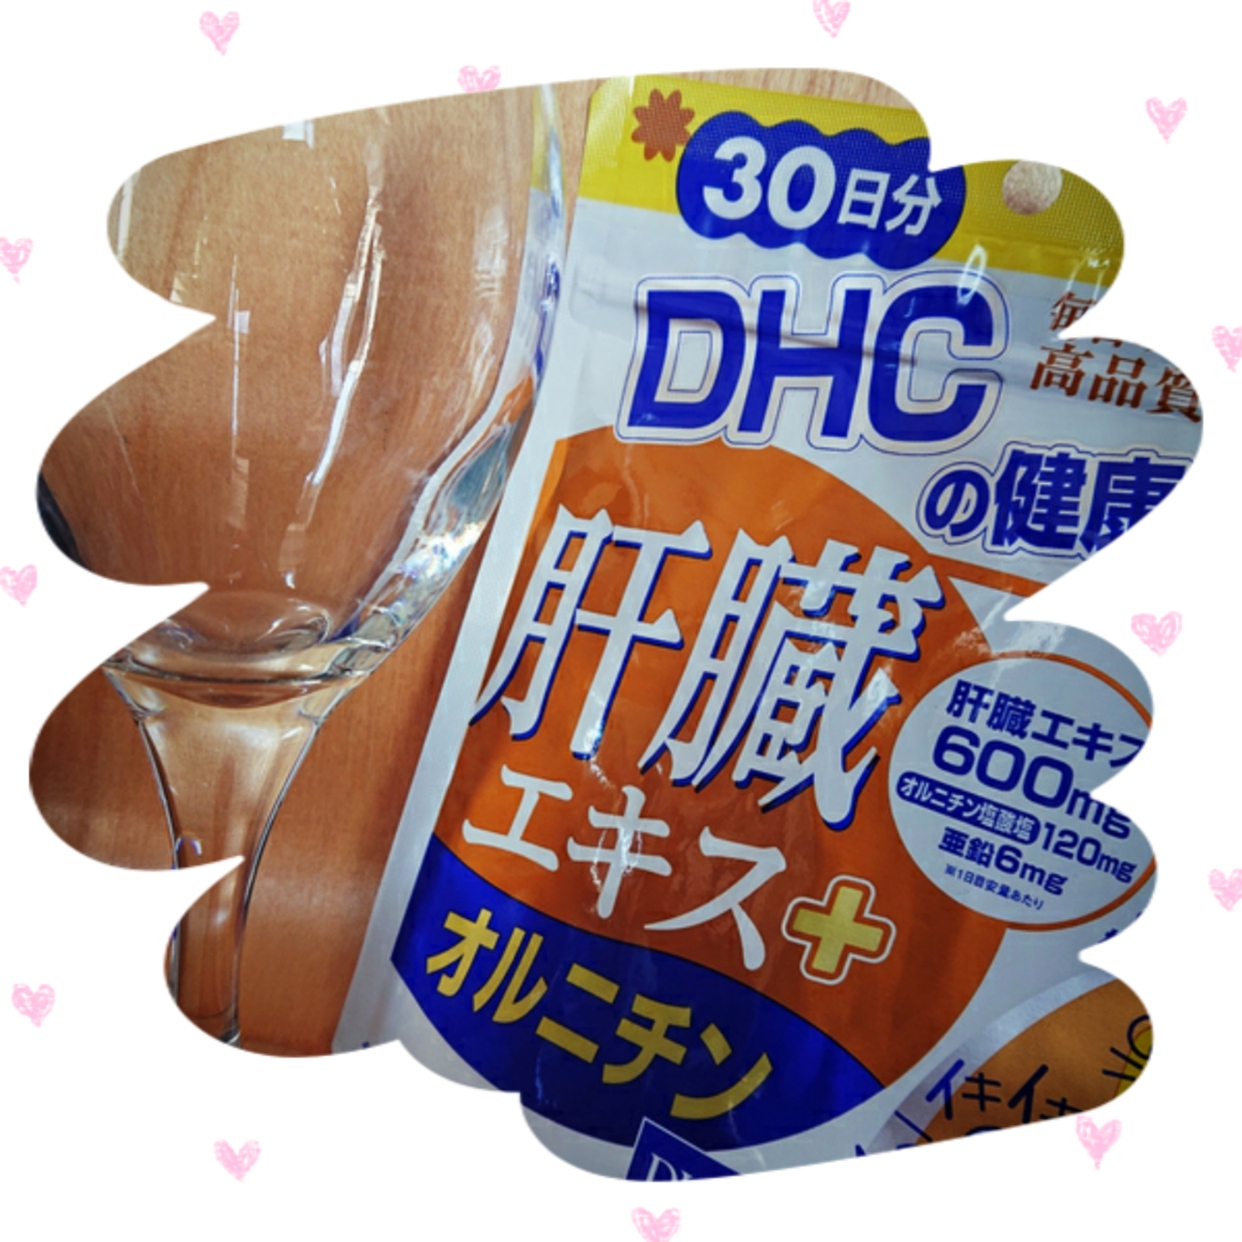 DHC(ディーエイチシー)肝臓エキス+オルニチンを使ったにるさんのクチコミ画像1